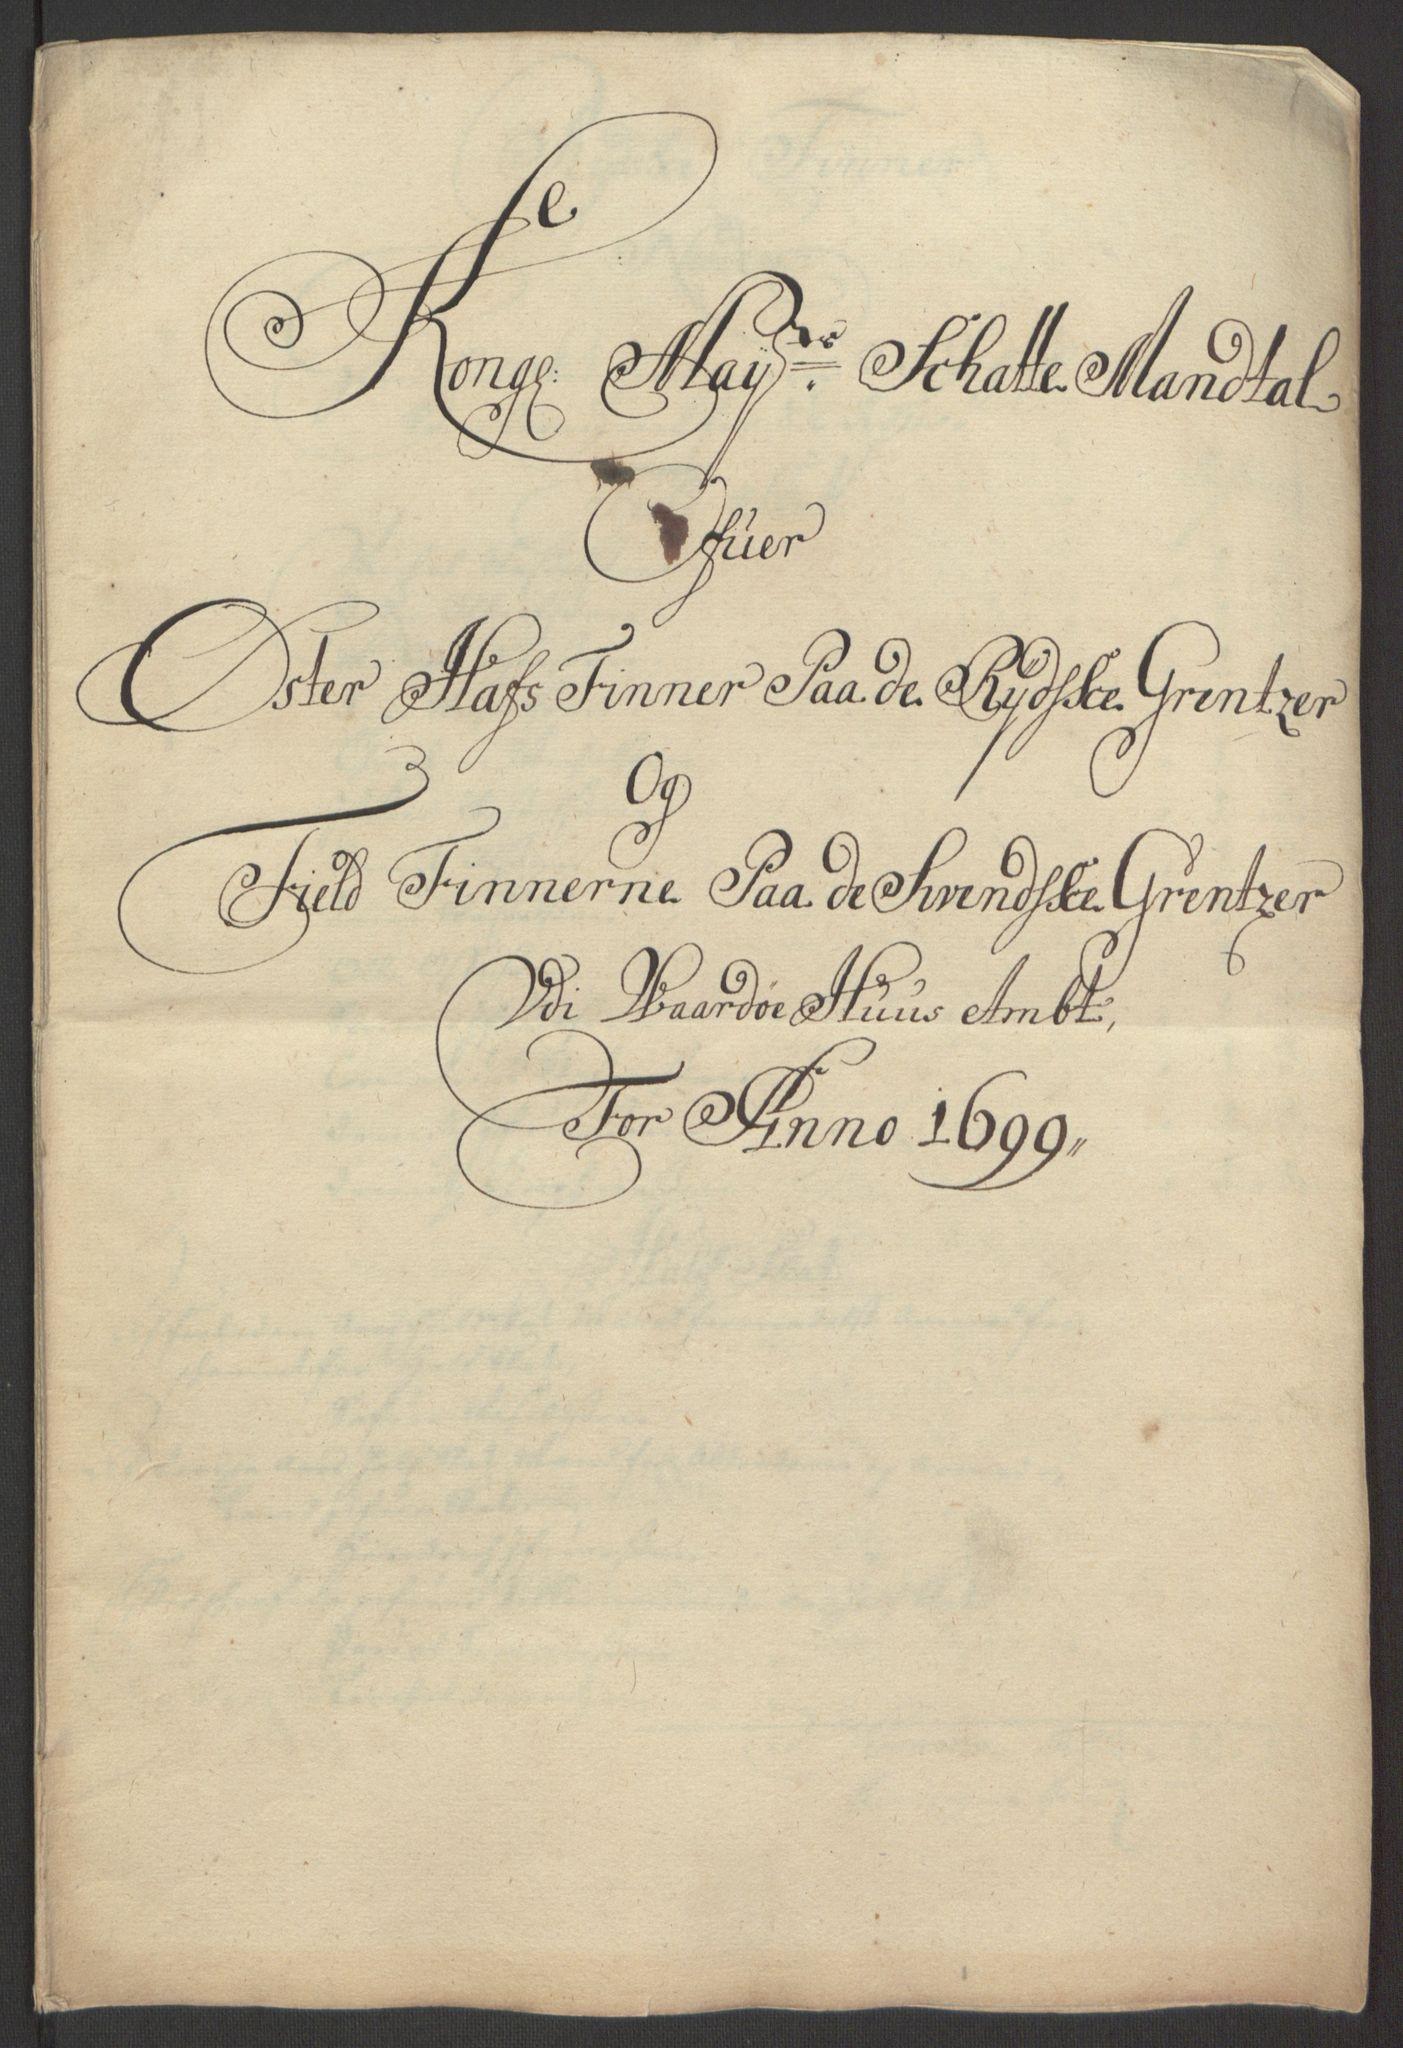 RA, Rentekammeret inntil 1814, Reviderte regnskaper, Fogderegnskap, R69/L4851: Fogderegnskap Finnmark/Vardøhus, 1691-1700, s. 381